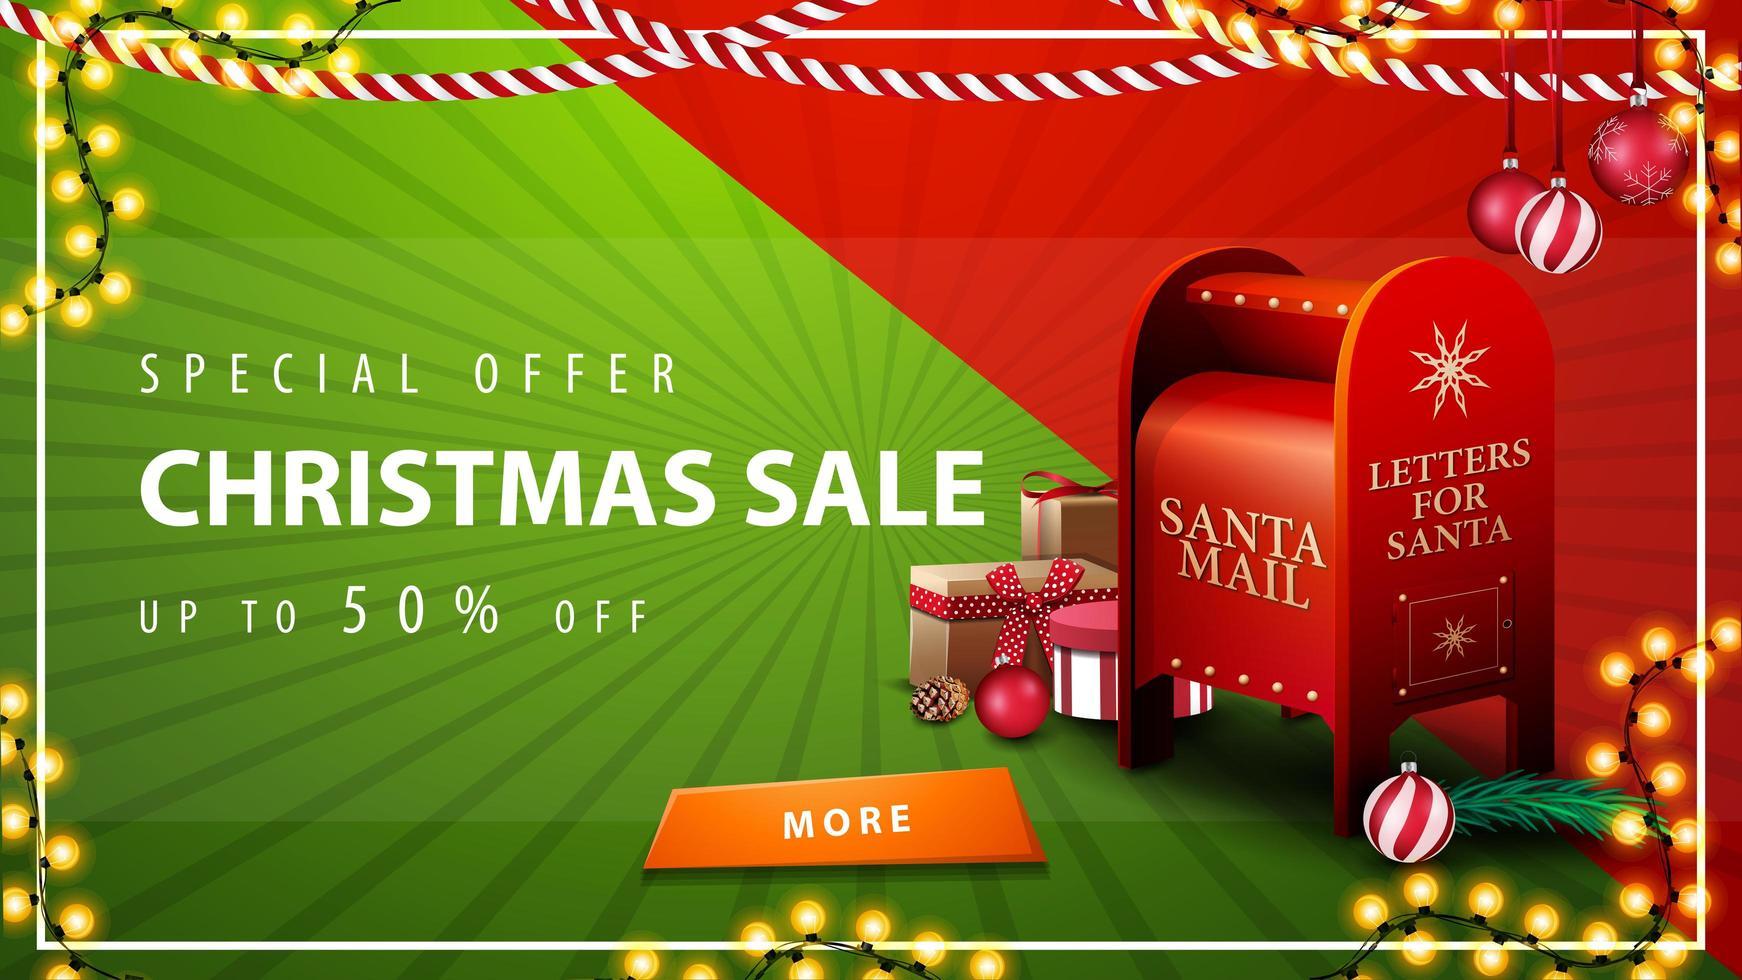 offerta speciale, saldi natalizi, sconti fino a 50, bellissimo banner sconto rosso e verde con ghirlande, bottone e cassetta delle lettere di Babbo Natale con regali vettore